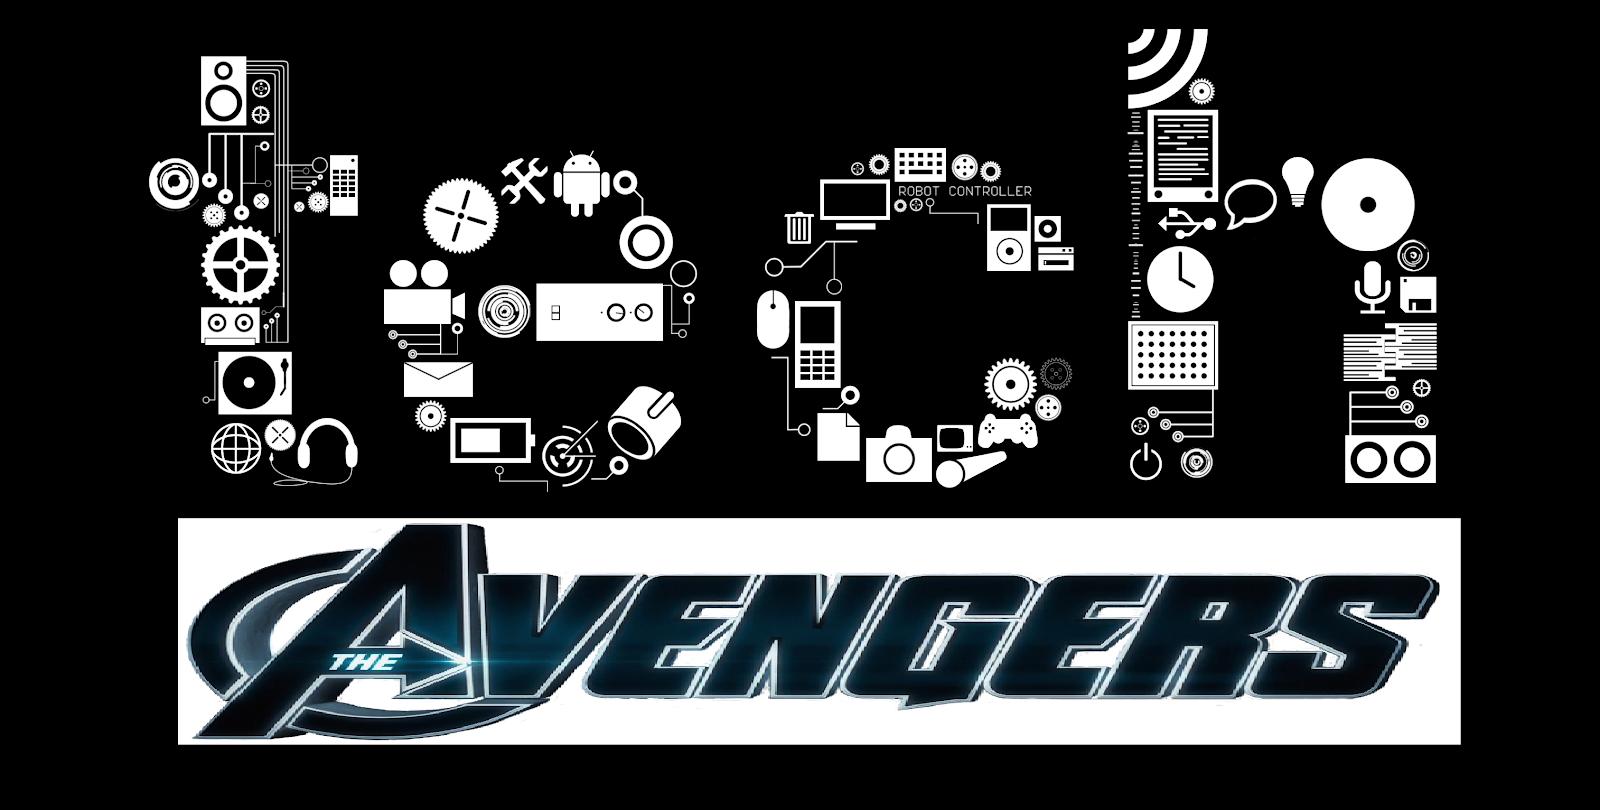 Tech Avengers